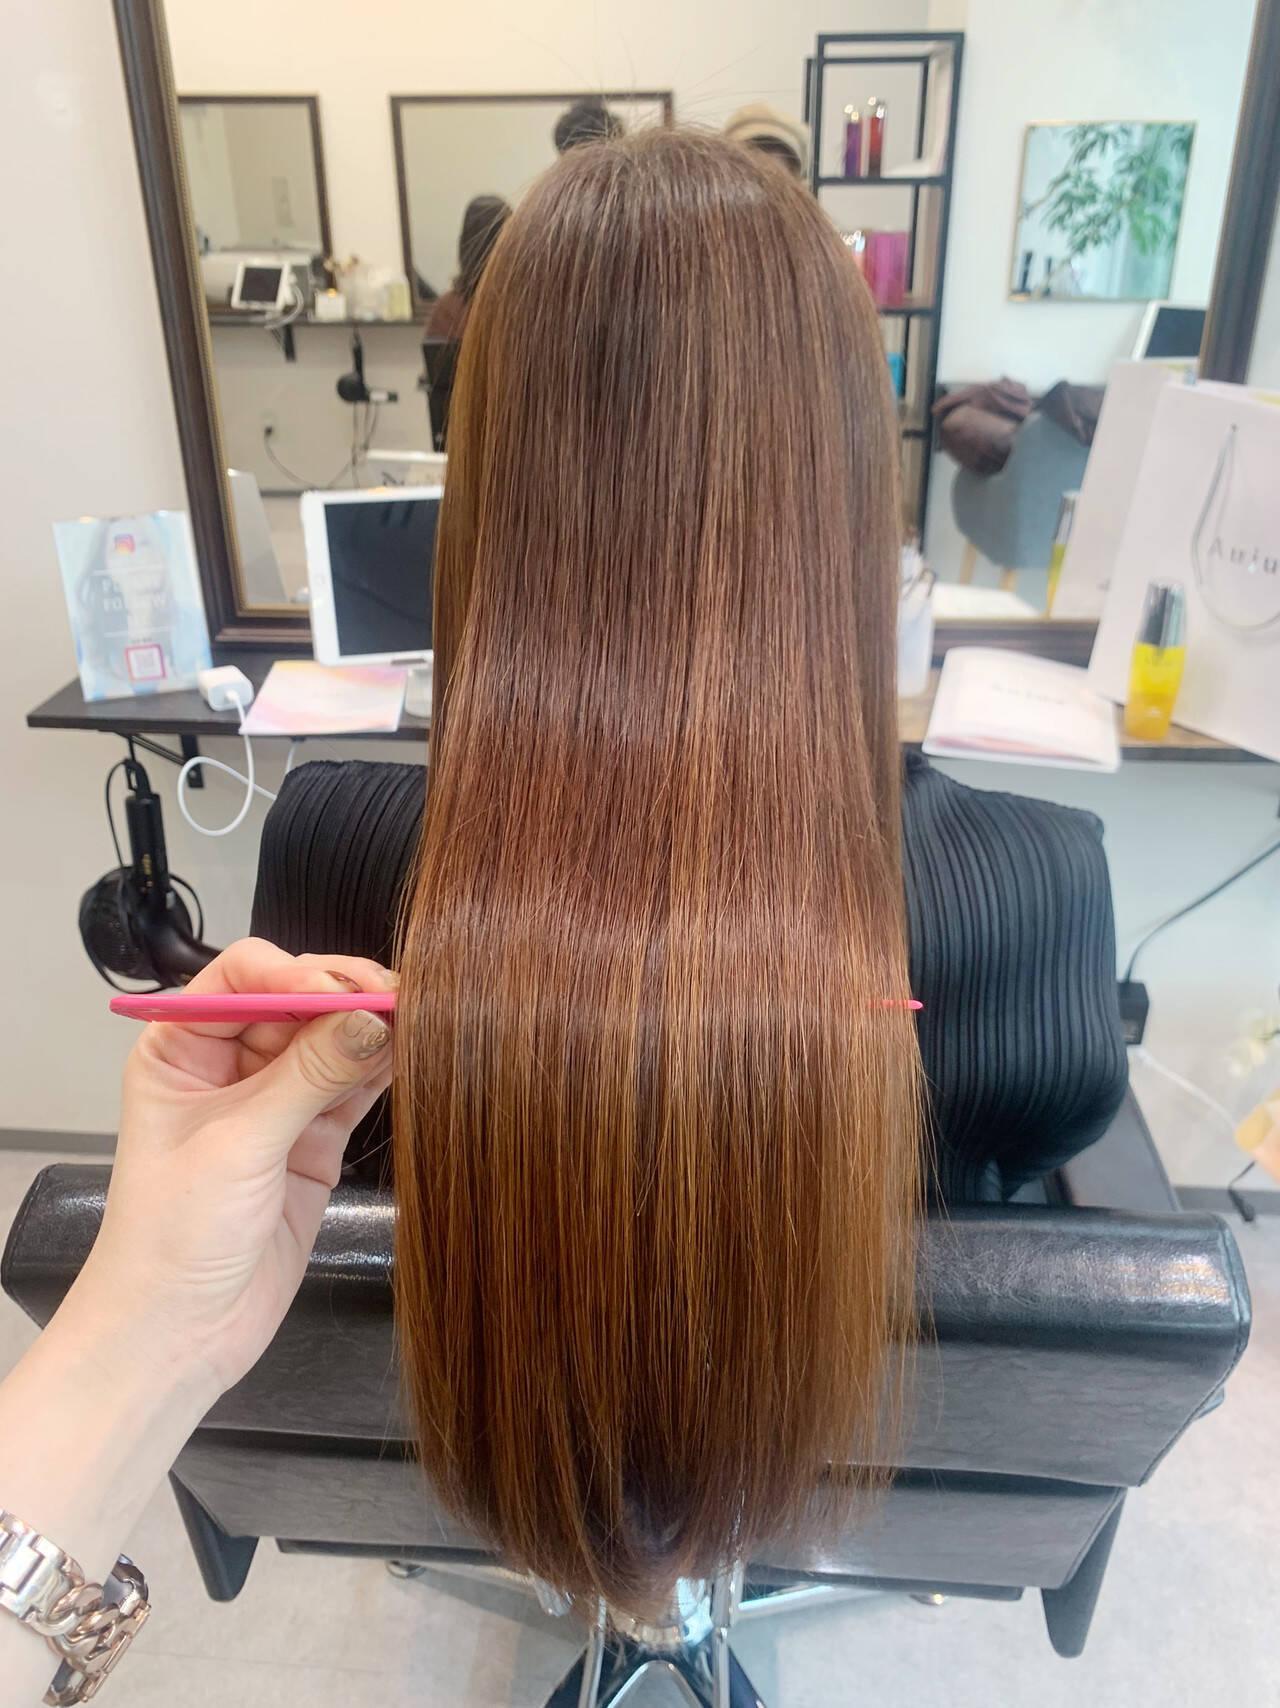 ロングヘア ナチュラル 髪質改善 大人かわいいヘアスタイルや髪型の写真・画像